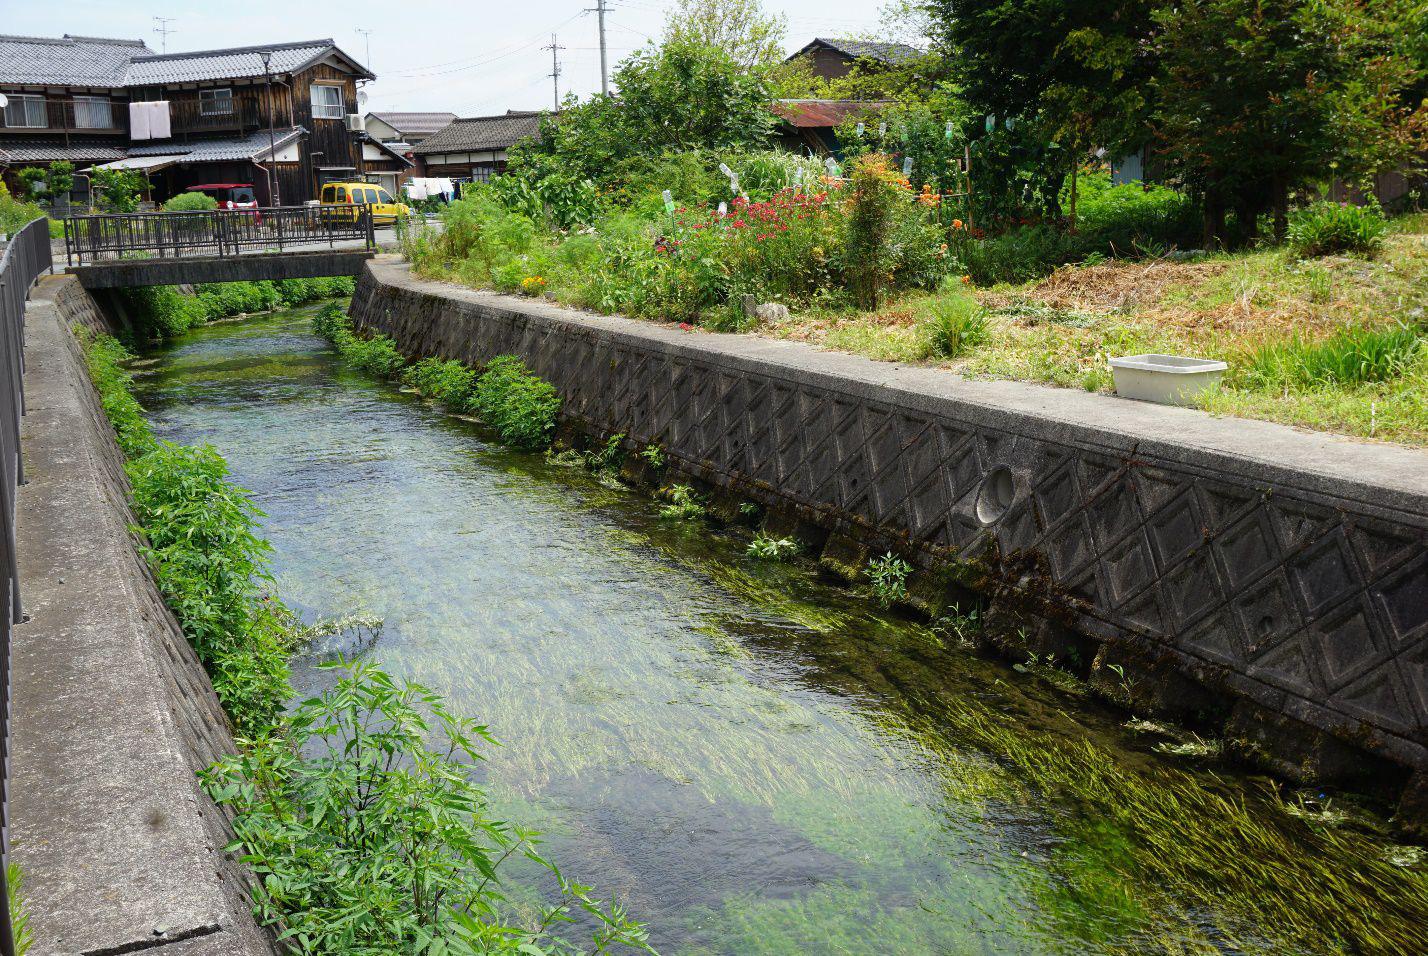 Ngôi làng có nước trong và sạch đến mức người dân rửa bát, vo gạo nấu cơm ngay ở kênh mương nuôi cá - Ảnh 1.